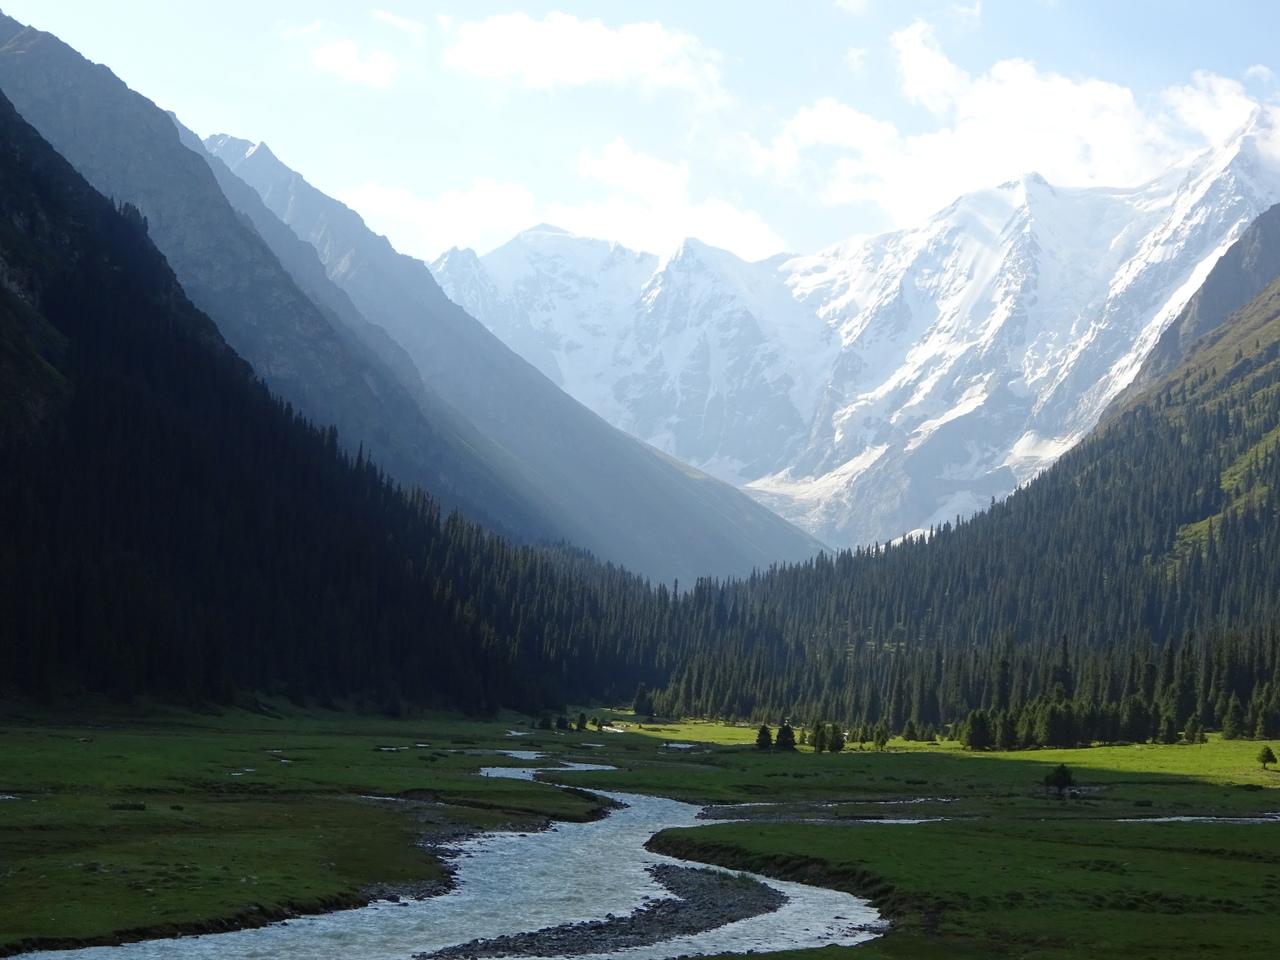 Ущелье Джеты-Огуз, вид на вершину Огуз-Баши, высота 5186 метров